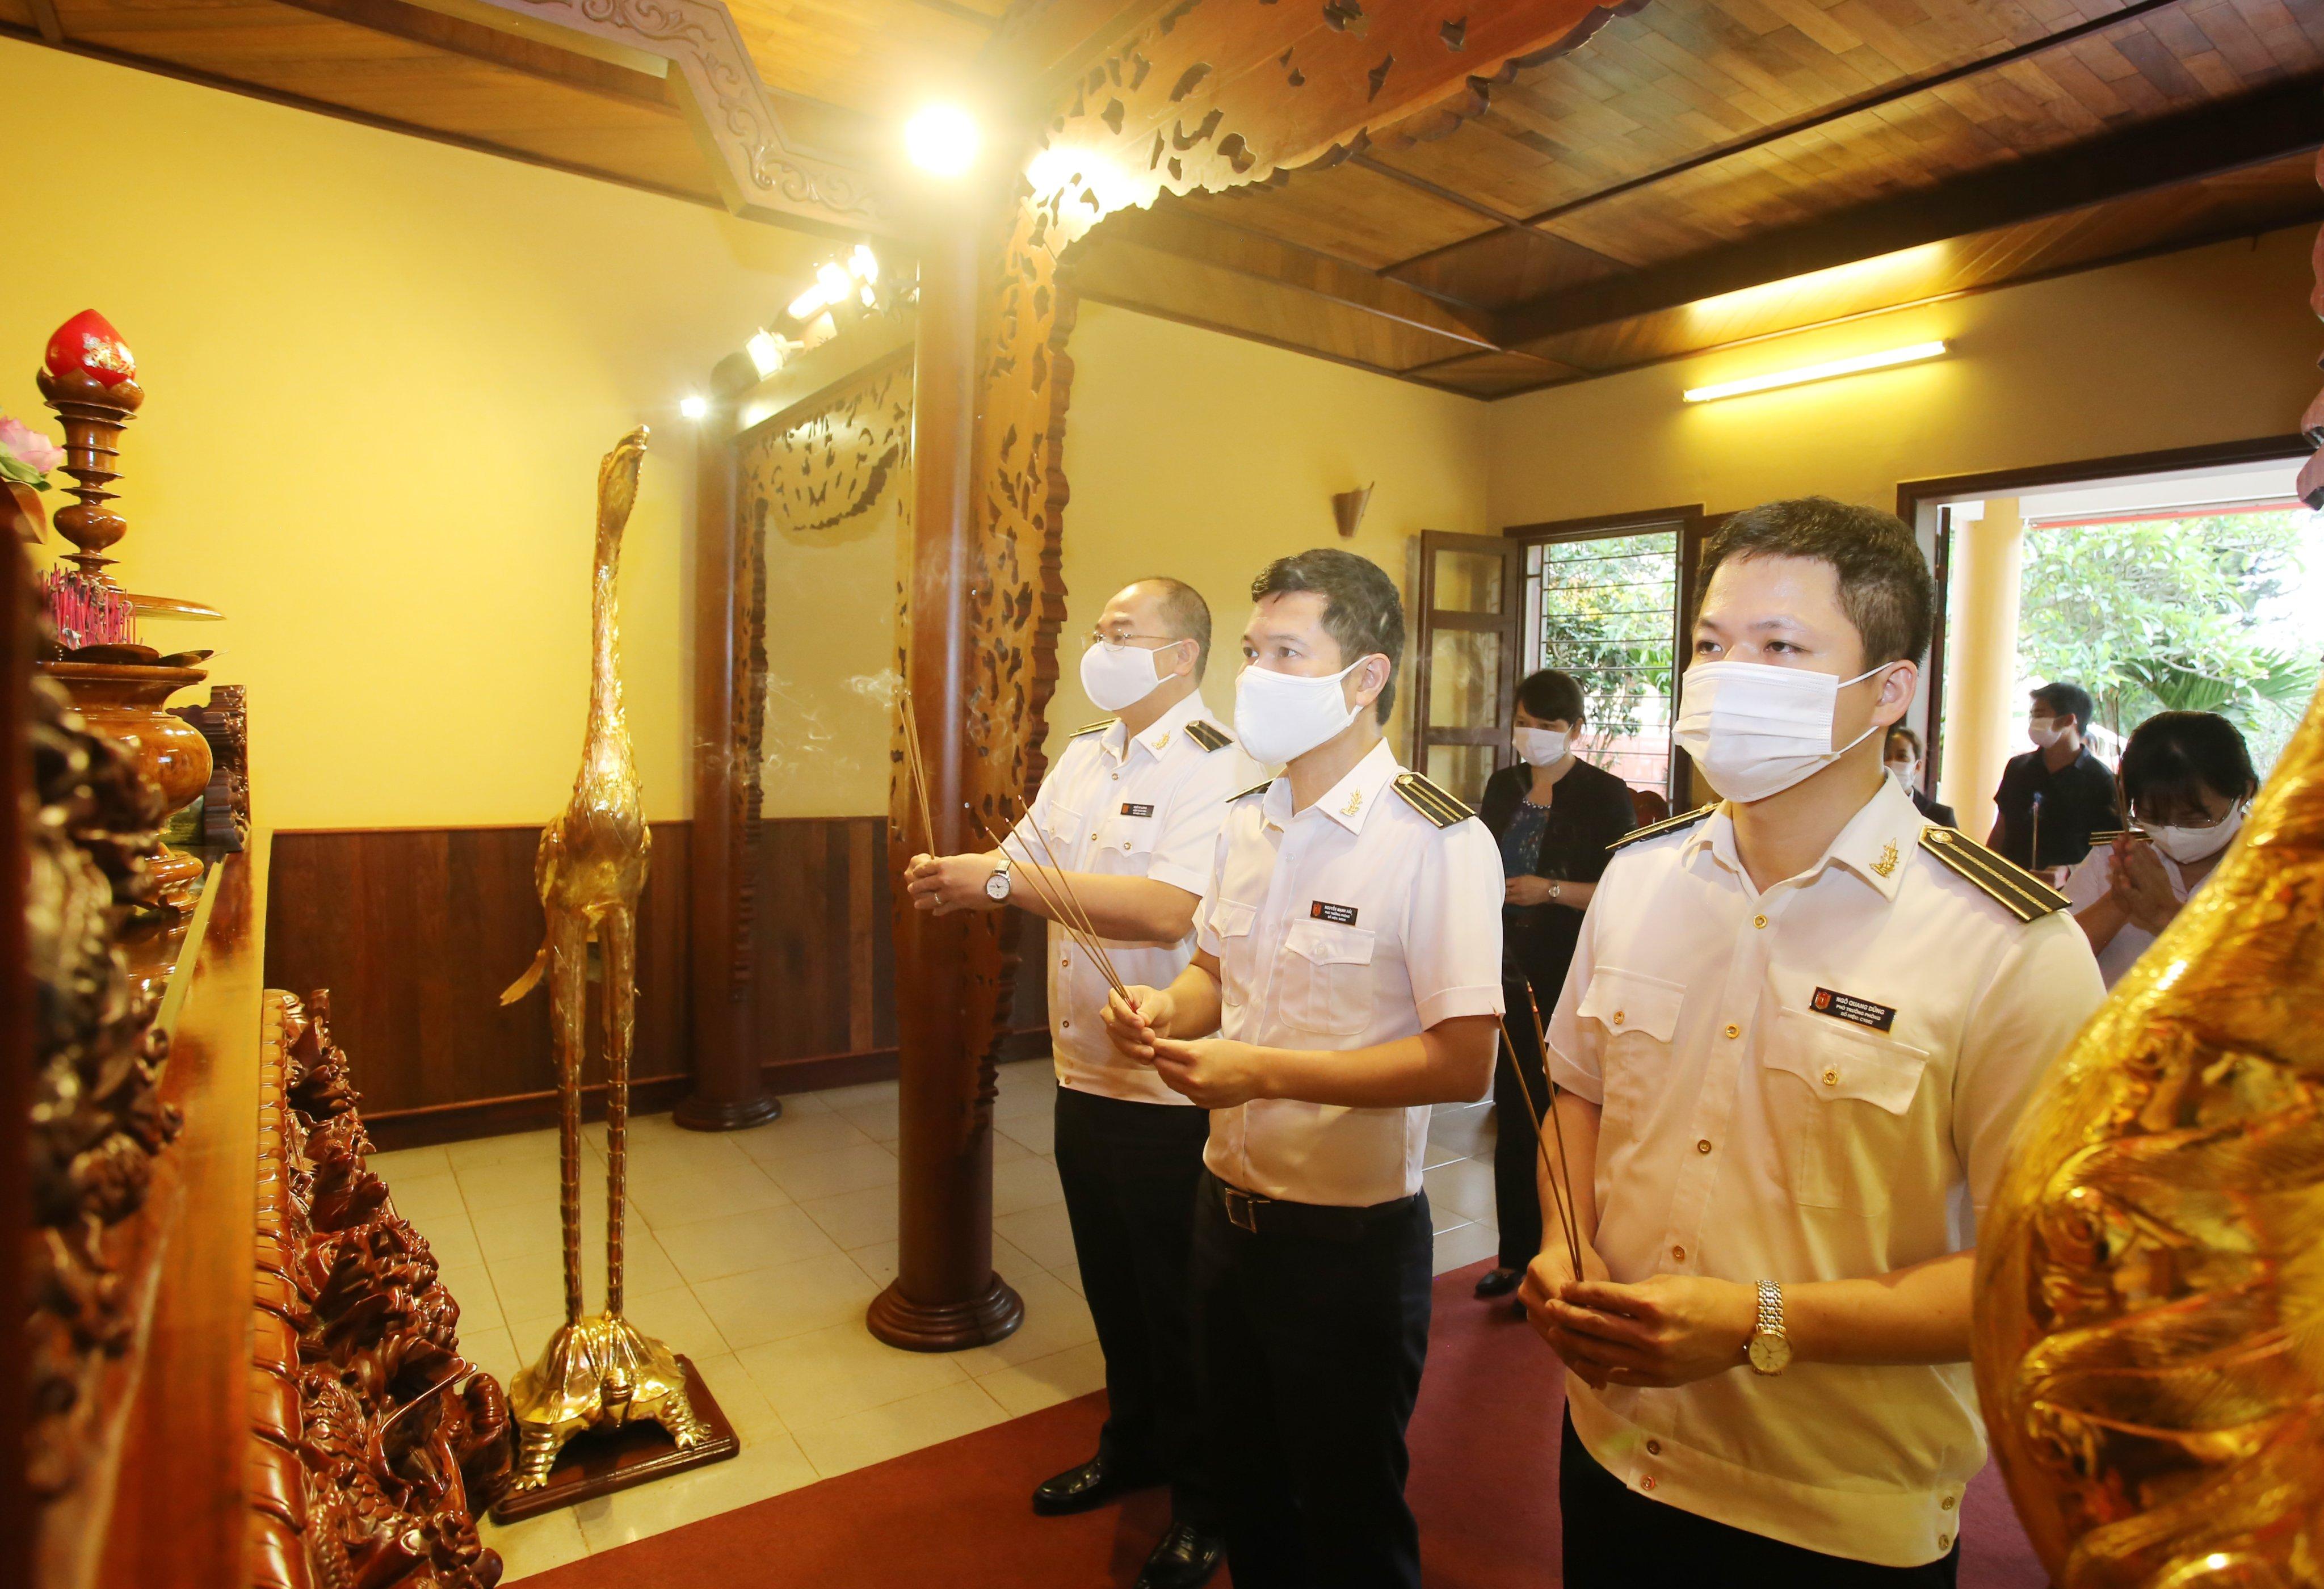 Hoạt động của Đoàn Thanh niên KTNN chuyên ngành Ib hướng đến kỷ niệm ngày Thương binh - Liệt sỹ